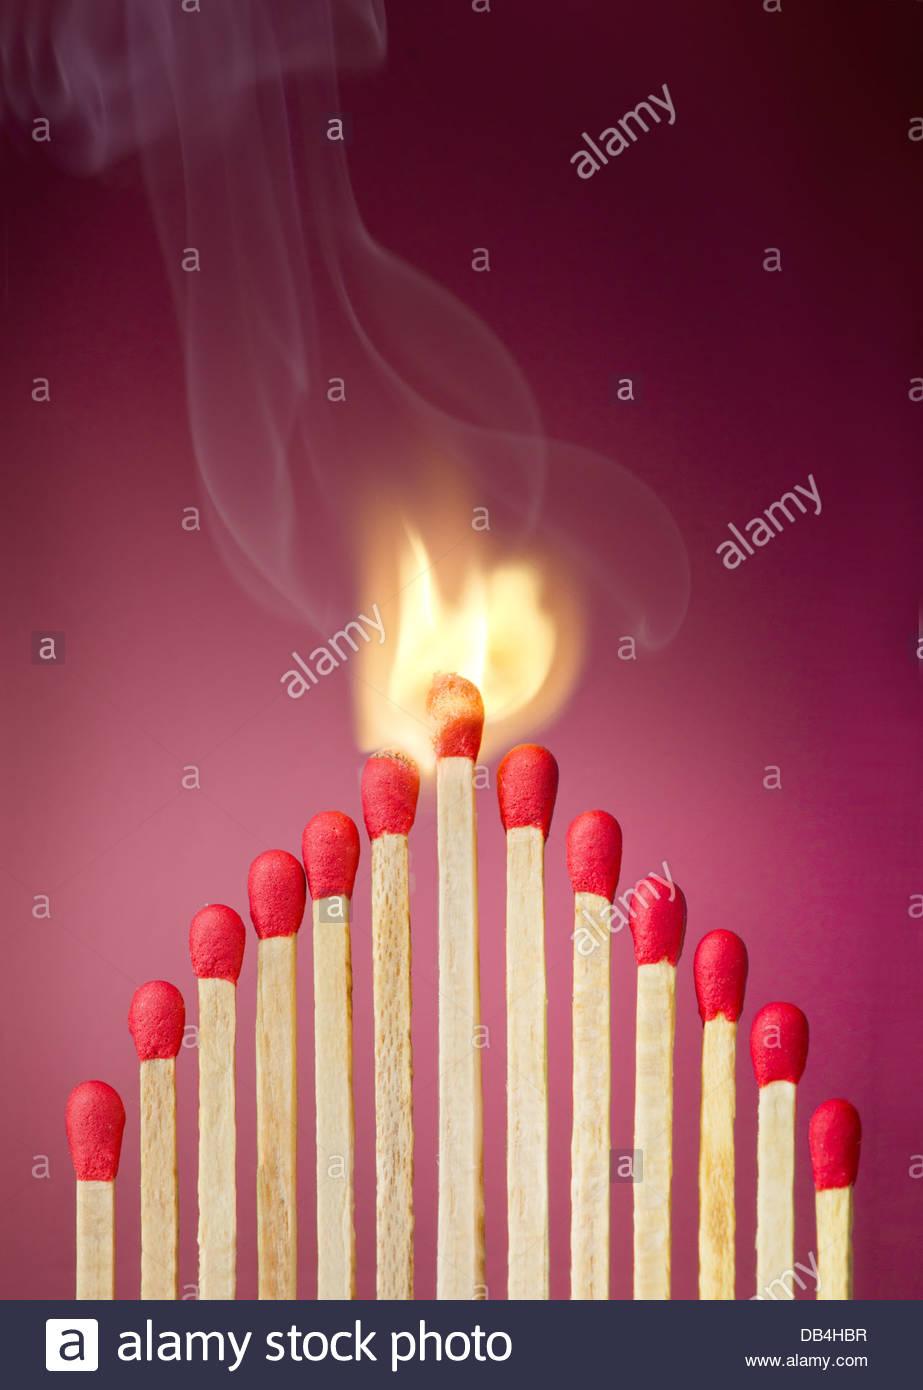 Brennendes Zündholz Brandstiftung in seiner Nachbarn, eine Metapher für Ideen und inspiration Stockbild